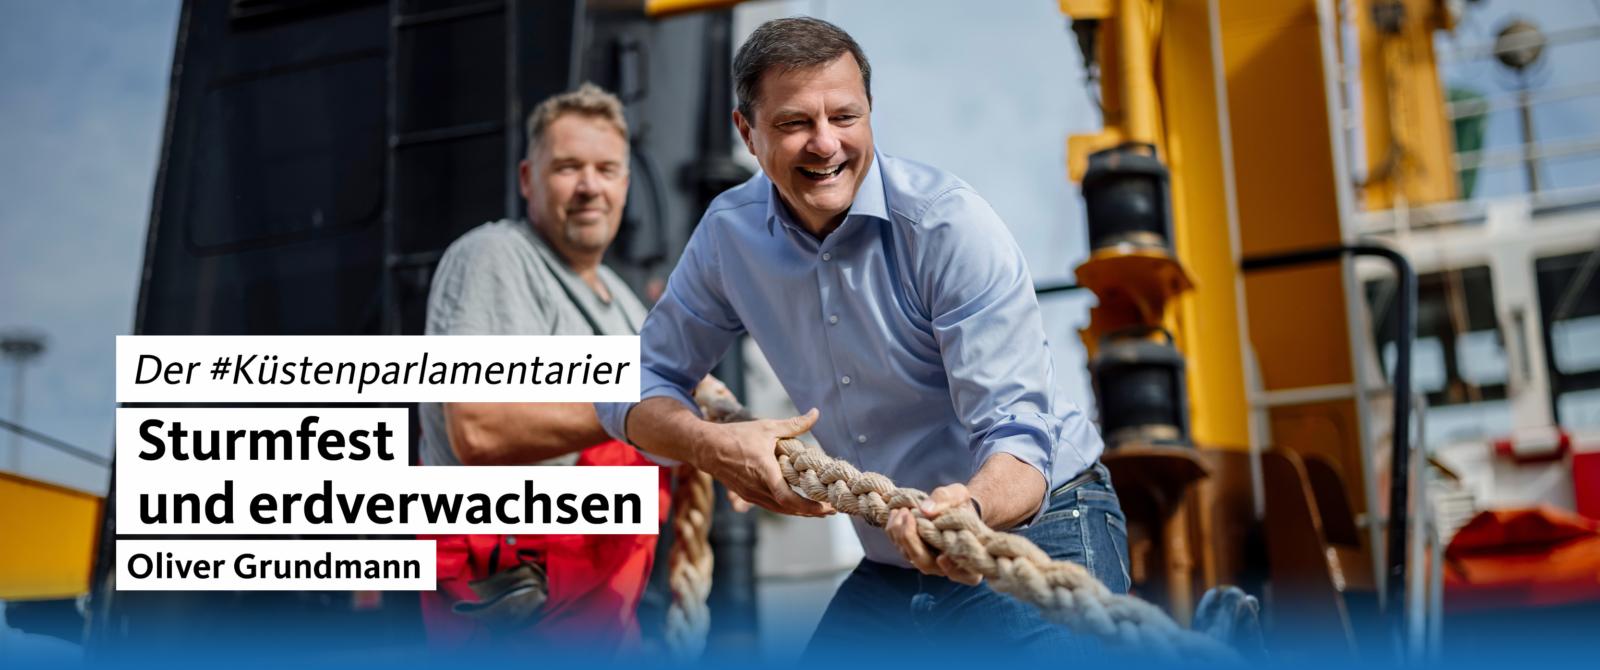 2-bundestagswahl-2021-stade-rotenburg-bremervoerde-oliver-grundmann-cdu-kuestenparlamentarier_1